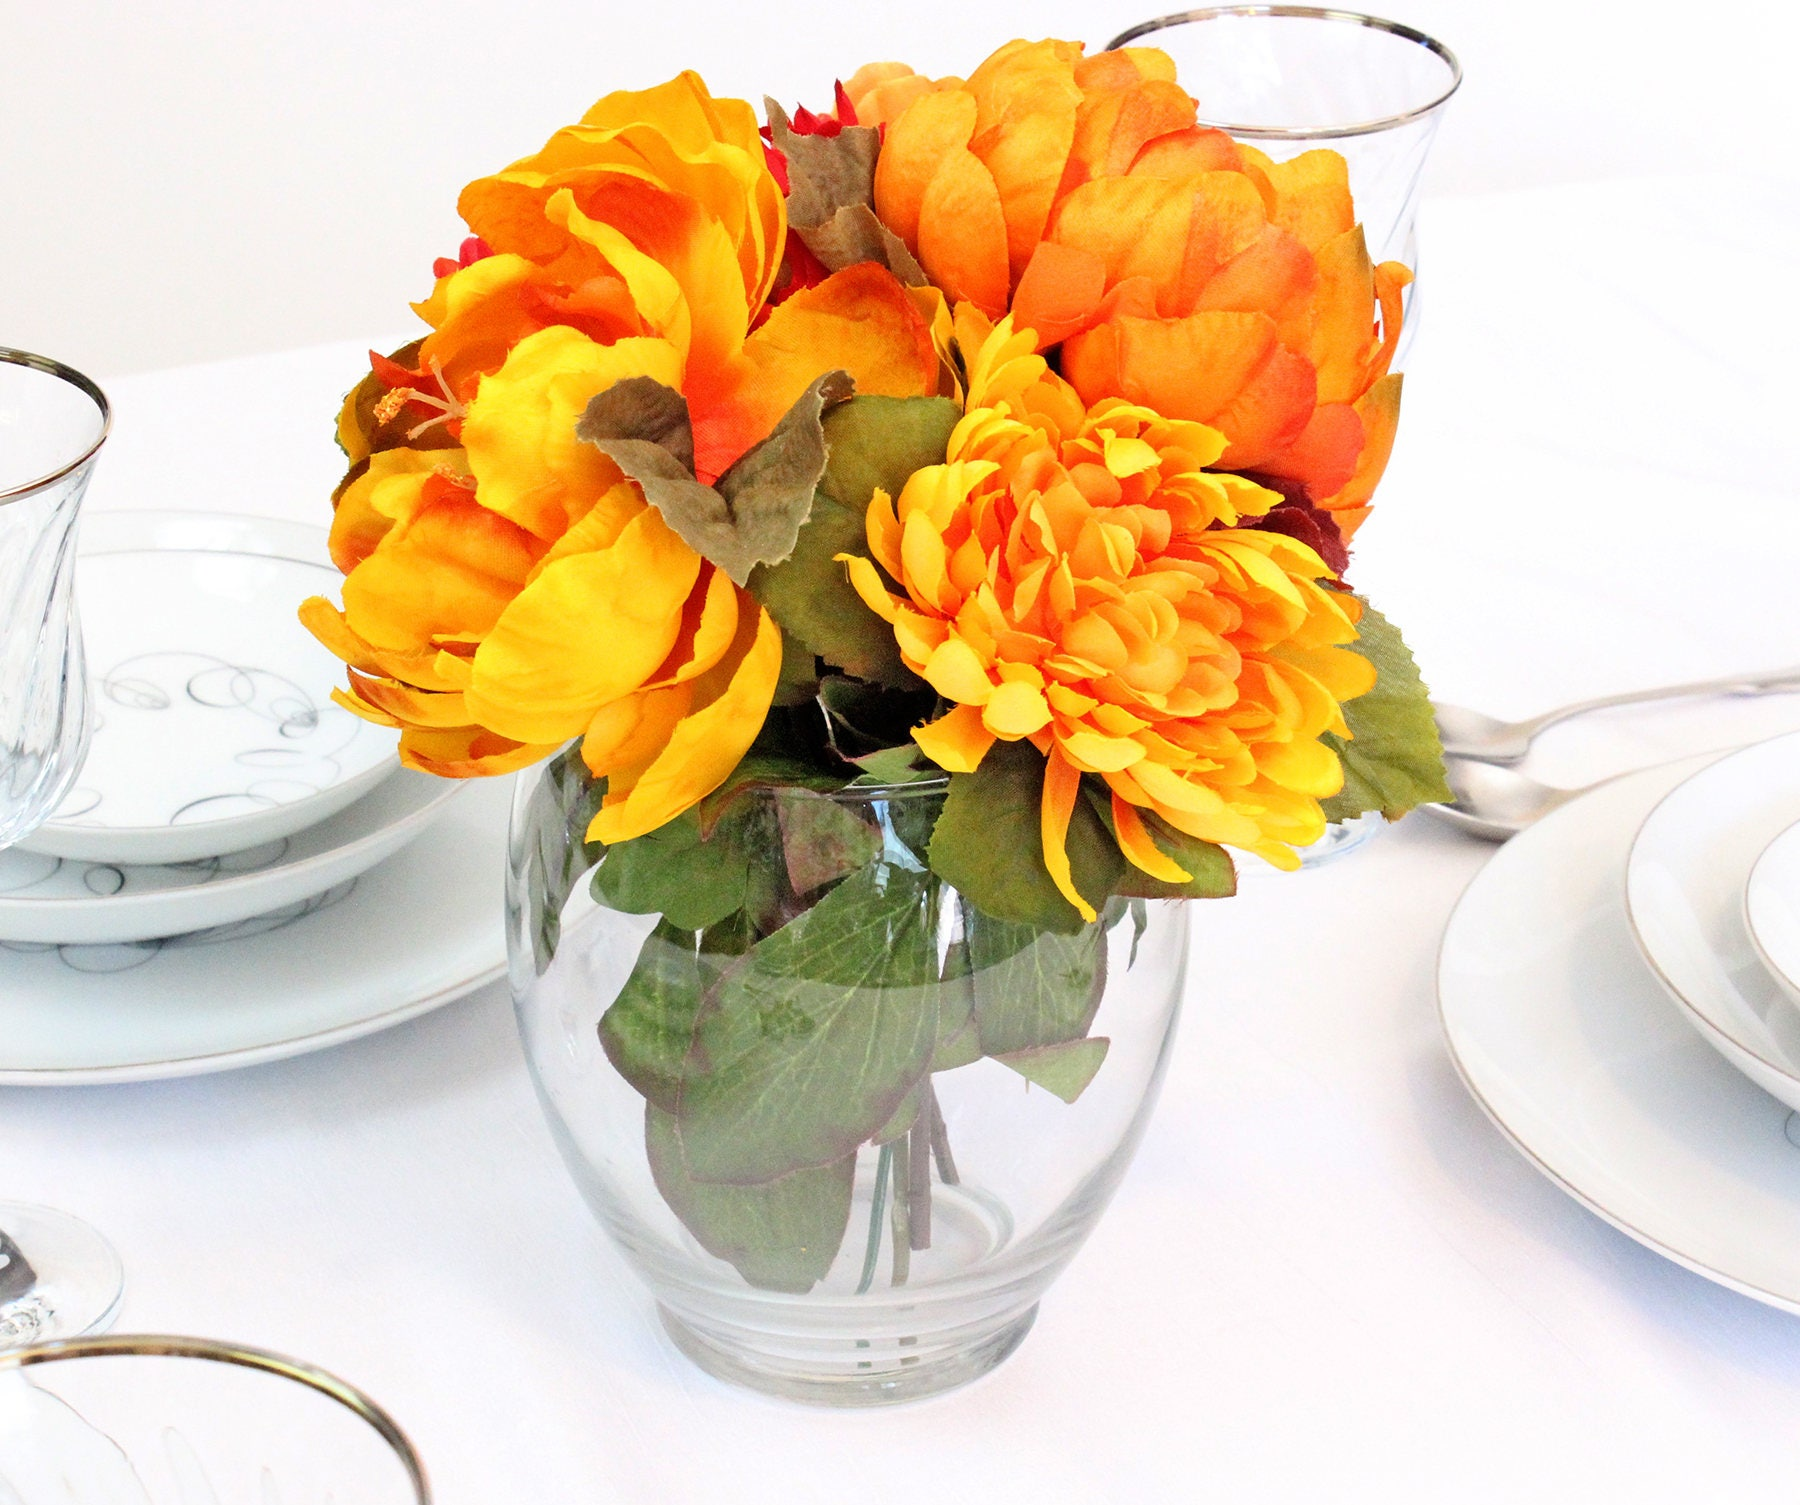 Silk Flower Arrangement Thanksgiving Flowers Fall Wedding Centerpiece Table